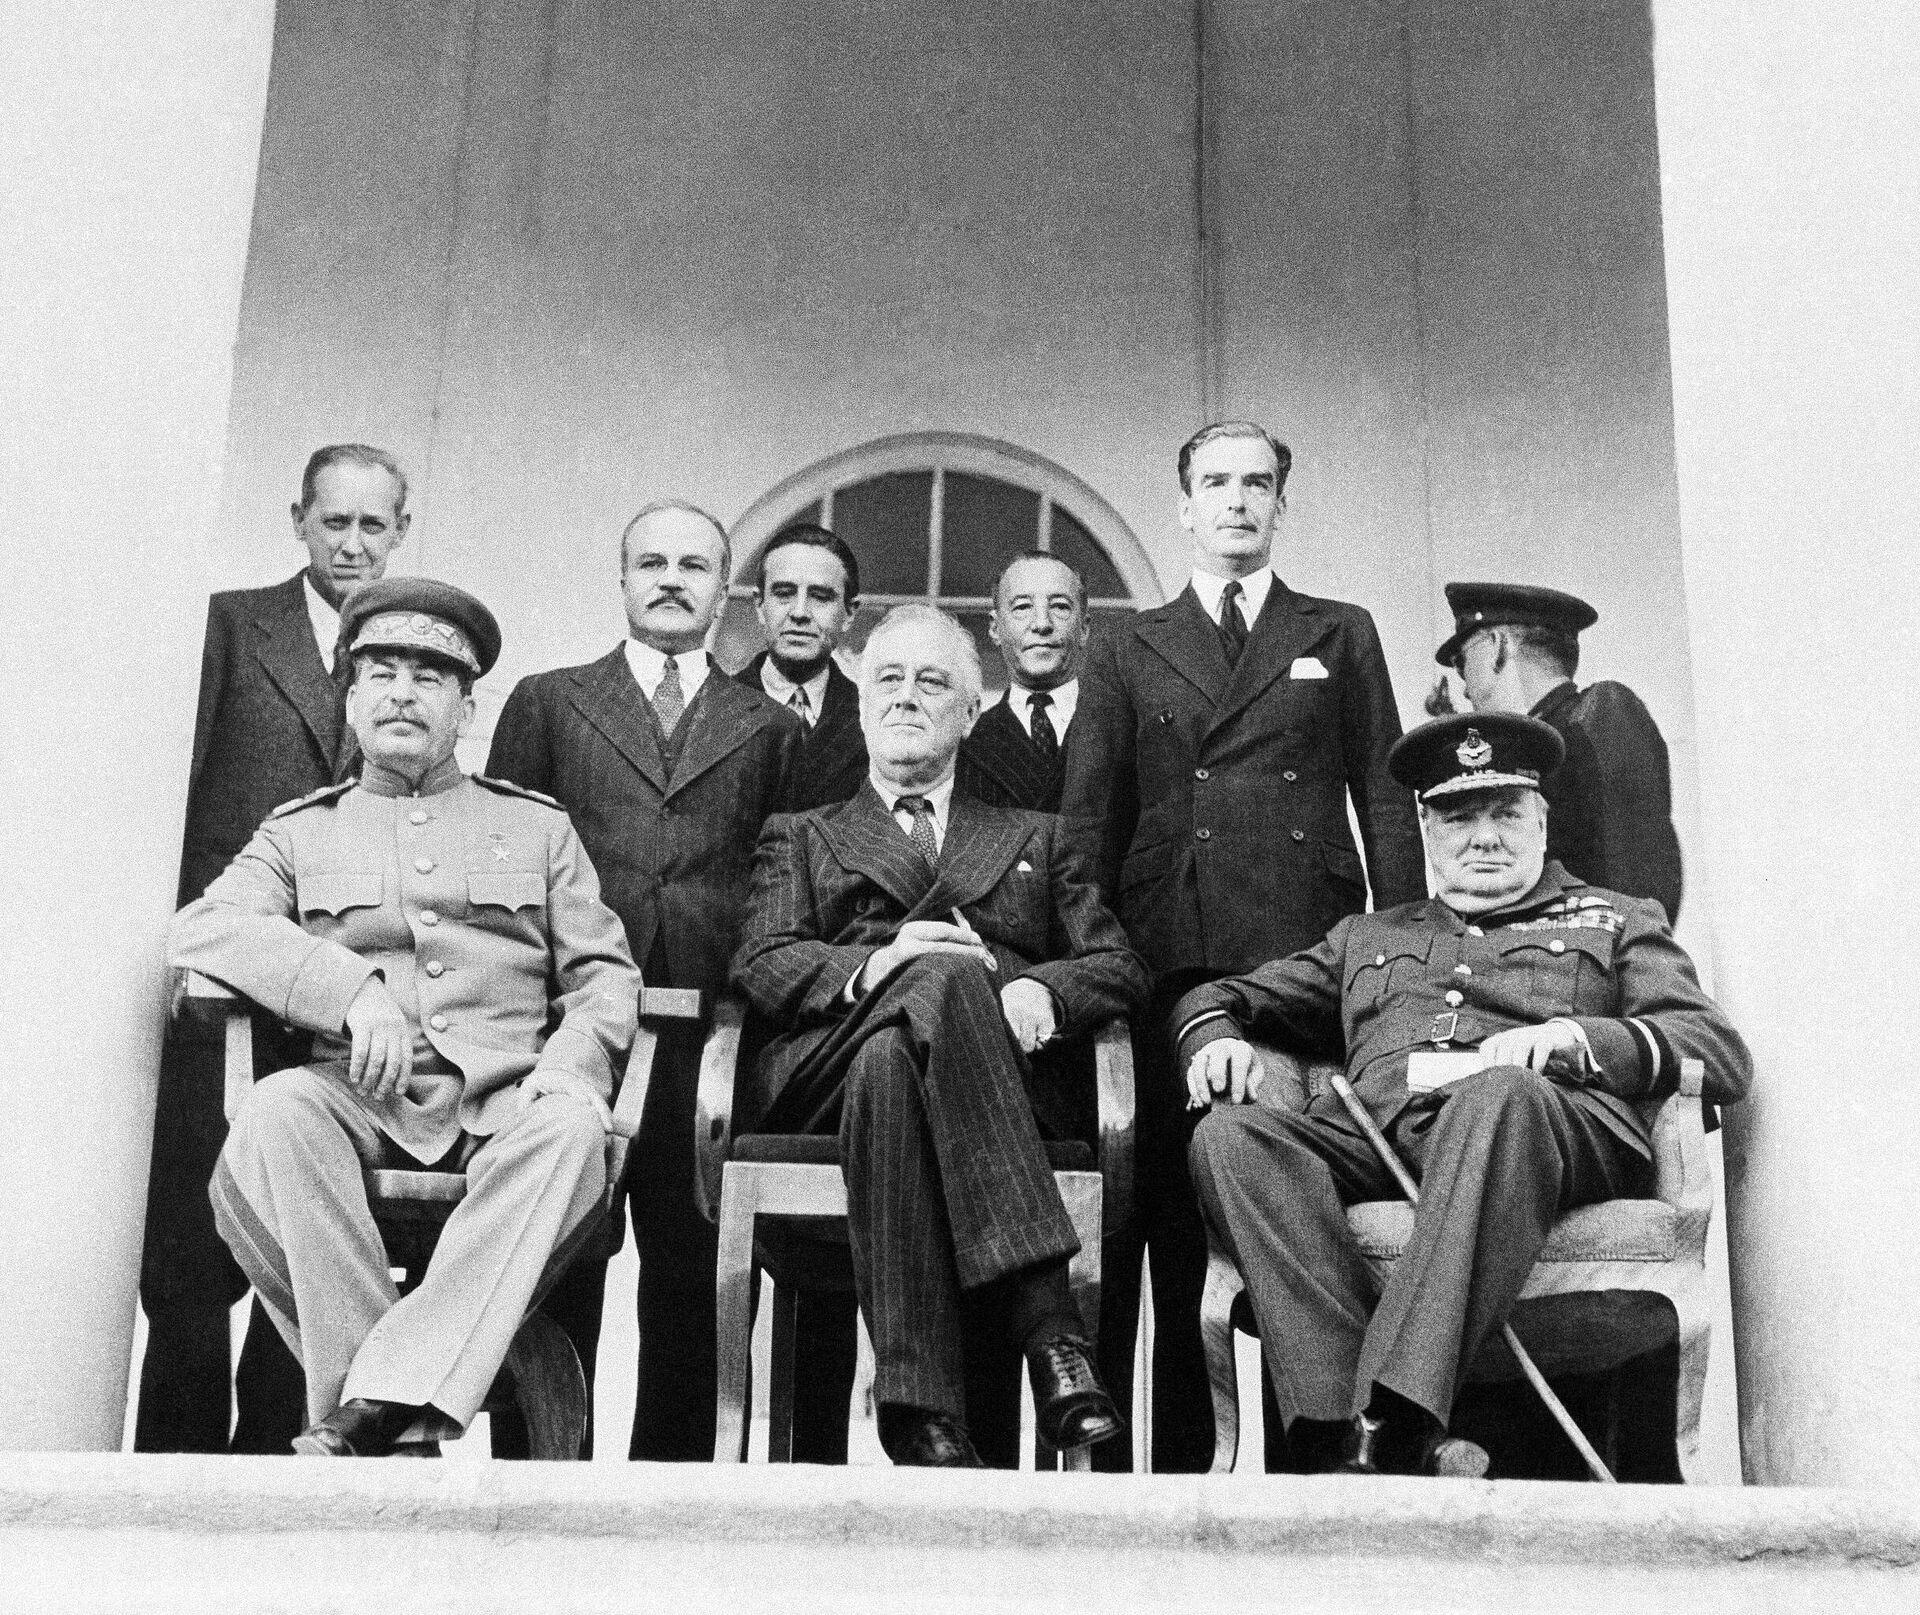 El encuentro entre Stalin, Roosevelt y Churchil durante la Conferencia de Teherán en 1943 - Sputnik Mundo, 1920, 12.08.2021